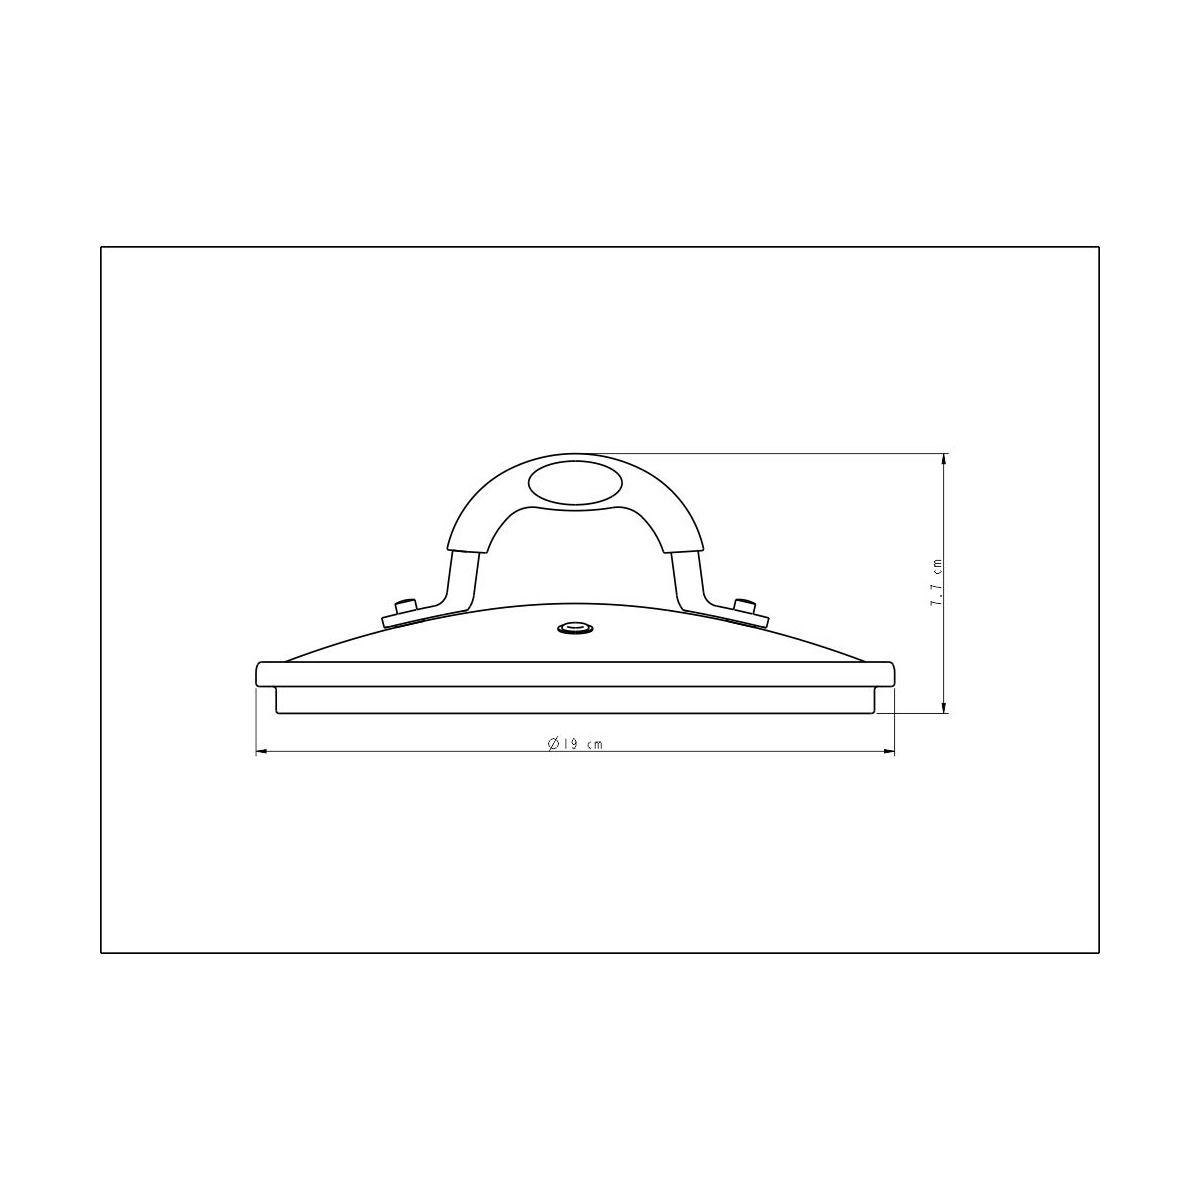 Tampa Tramontina em Vidro e Aço Inox com Alça Silicone 18 cm 20849/018 | Lojas Estrela